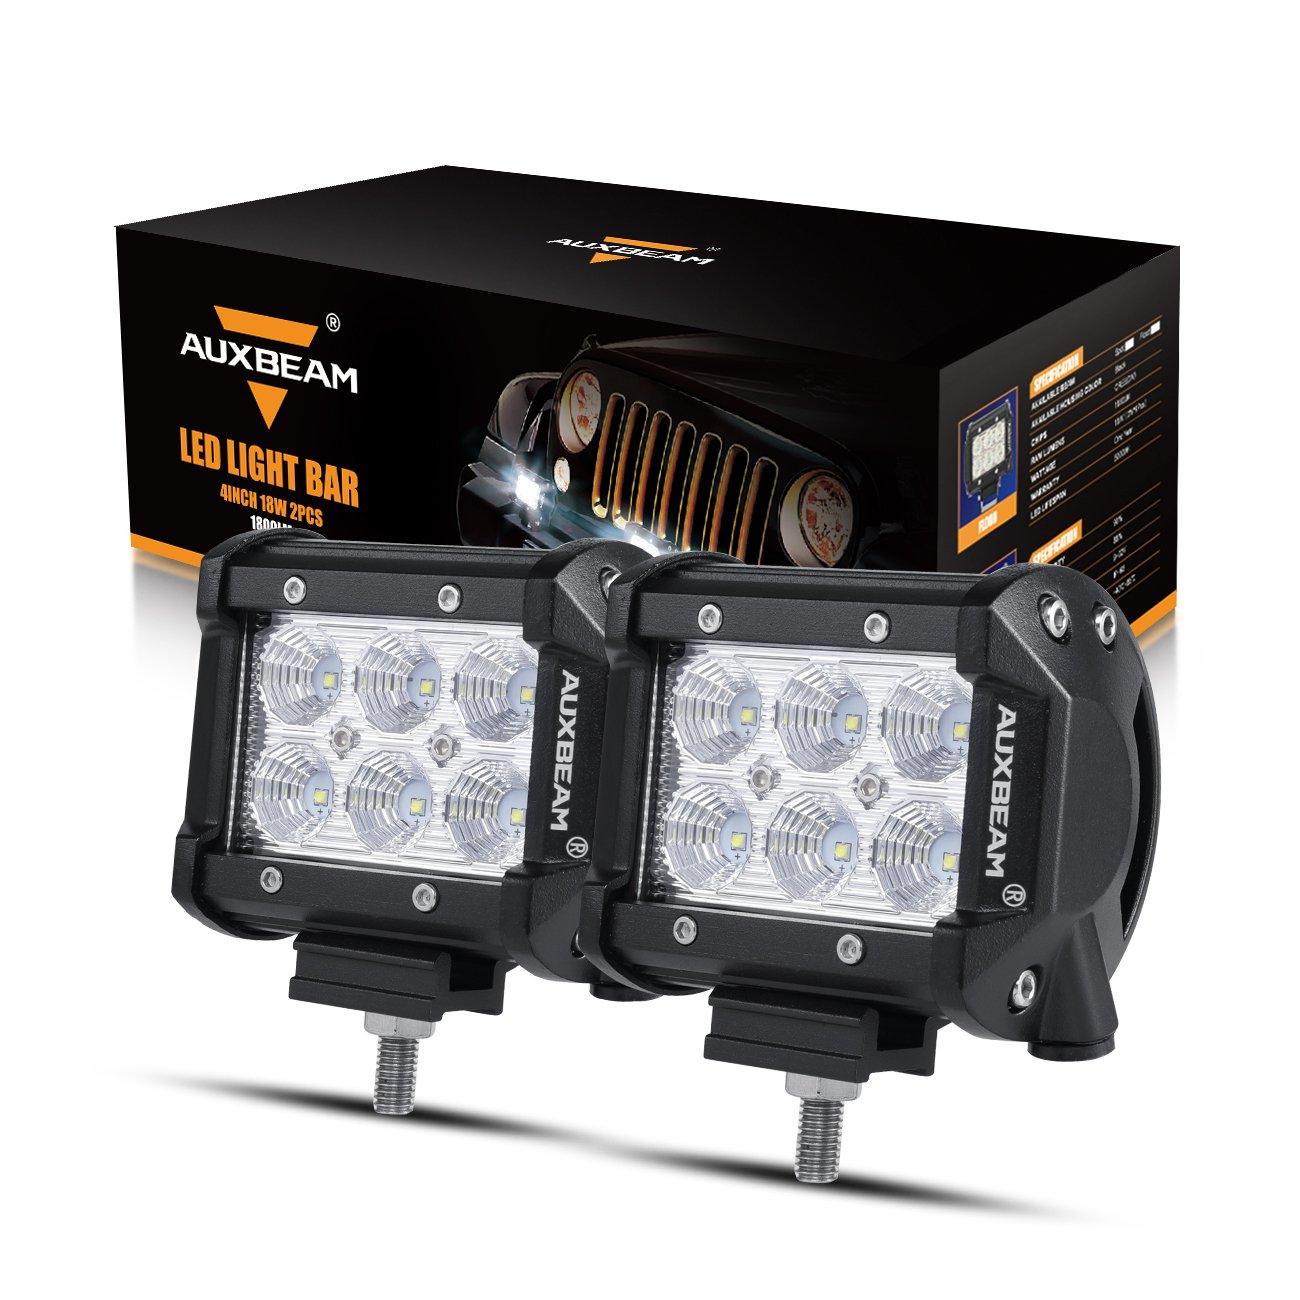 Amazon.com: Auxbeam LED Light Bar 4\